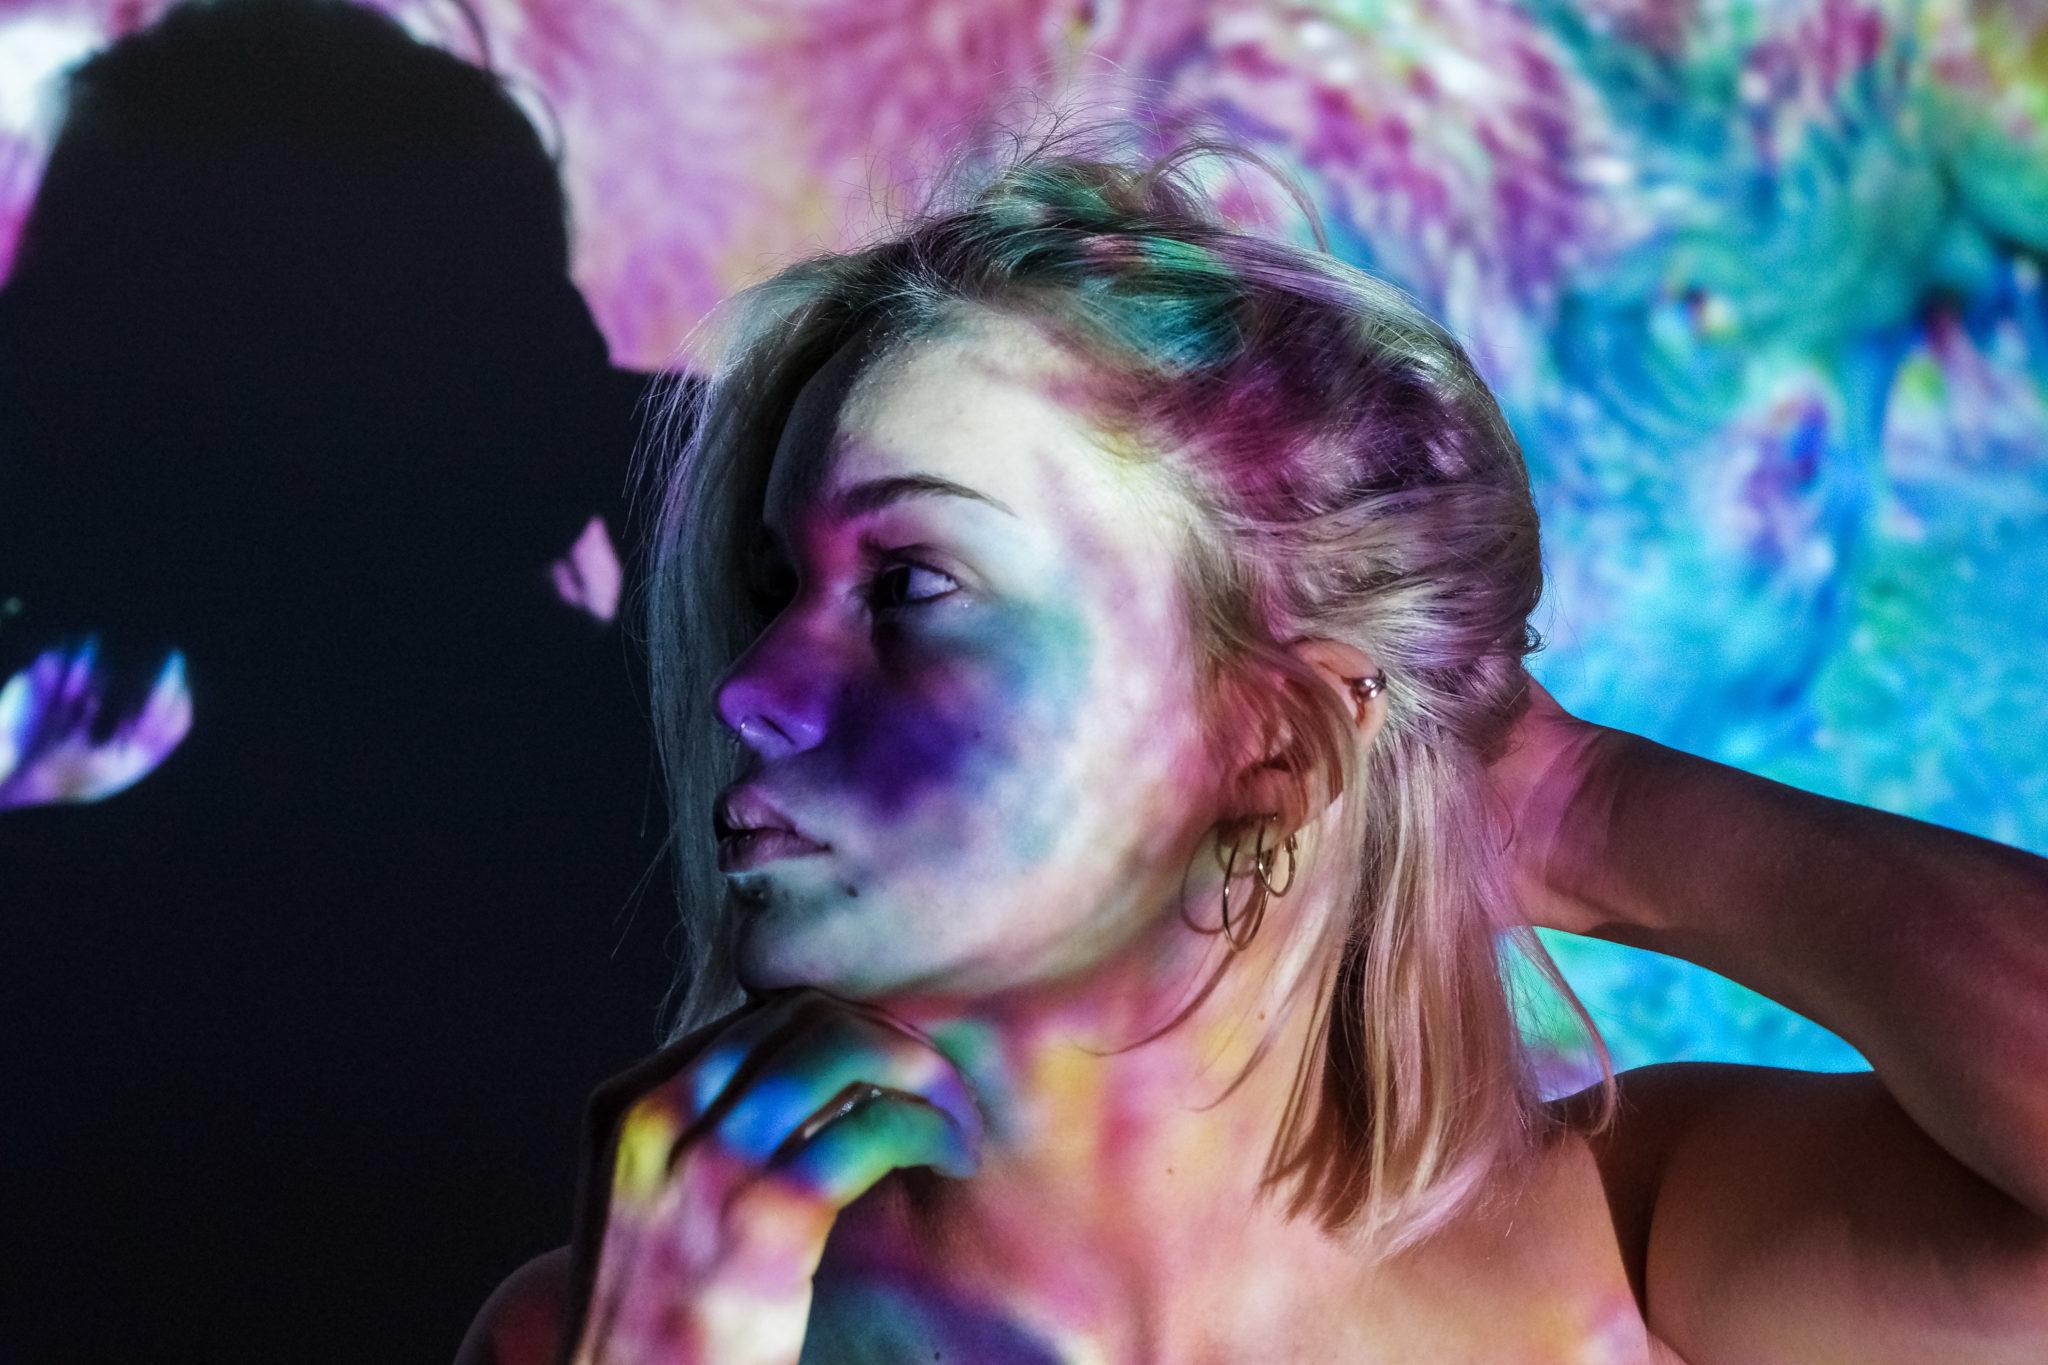 Ein Muster aus verschwommenen Farben wird durch einen Beamer auf das Model Friedel beschienen. Der Kopf vom Model Friedel ist zur Seite geneigt und zeigt die Farben auf Ihrer Wange.